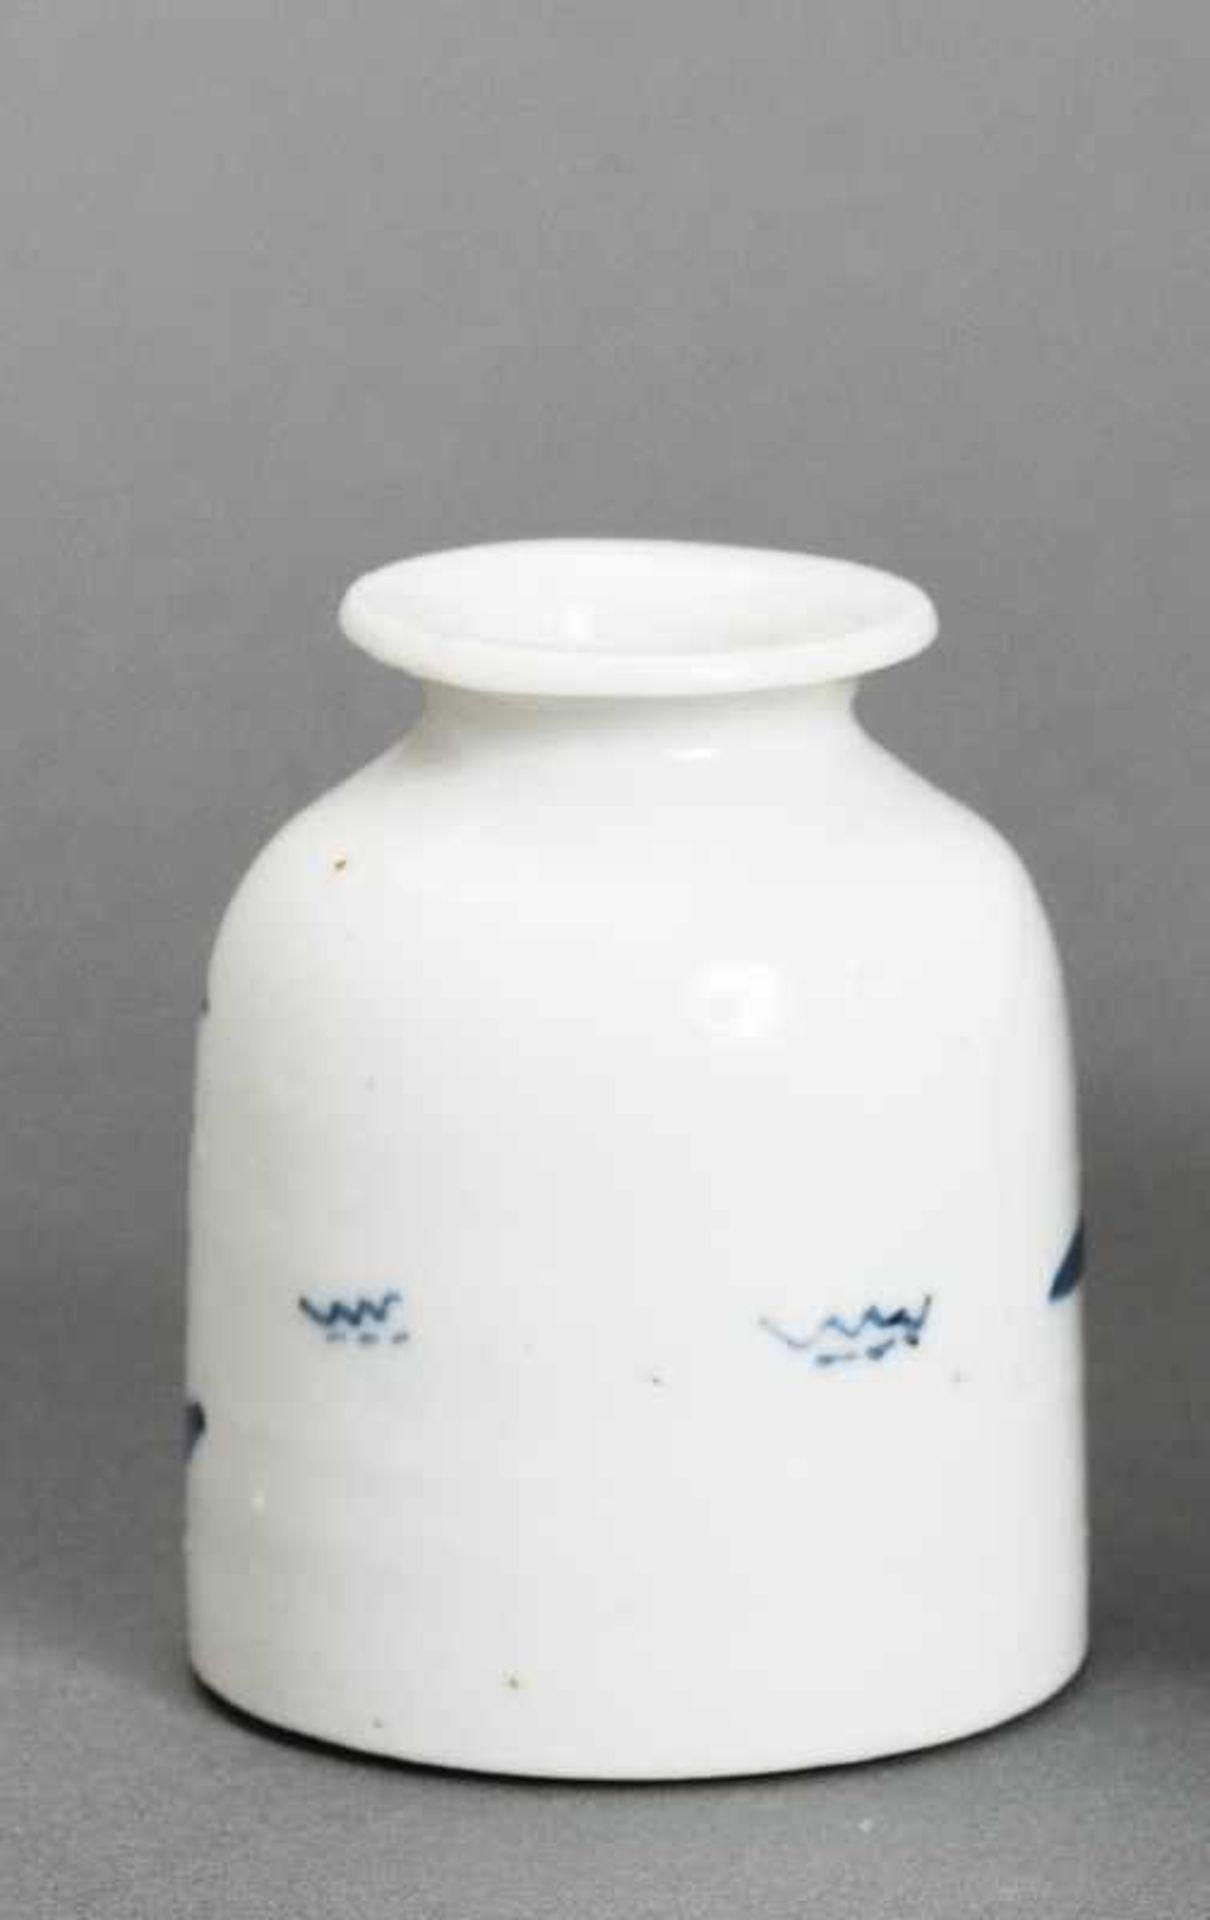 WASSERGEFÄSS Blauweiß-Porzellan. China, Qing-Dynastie (1644-1911) Ein kleines Wassergefäß für den - Image 2 of 4